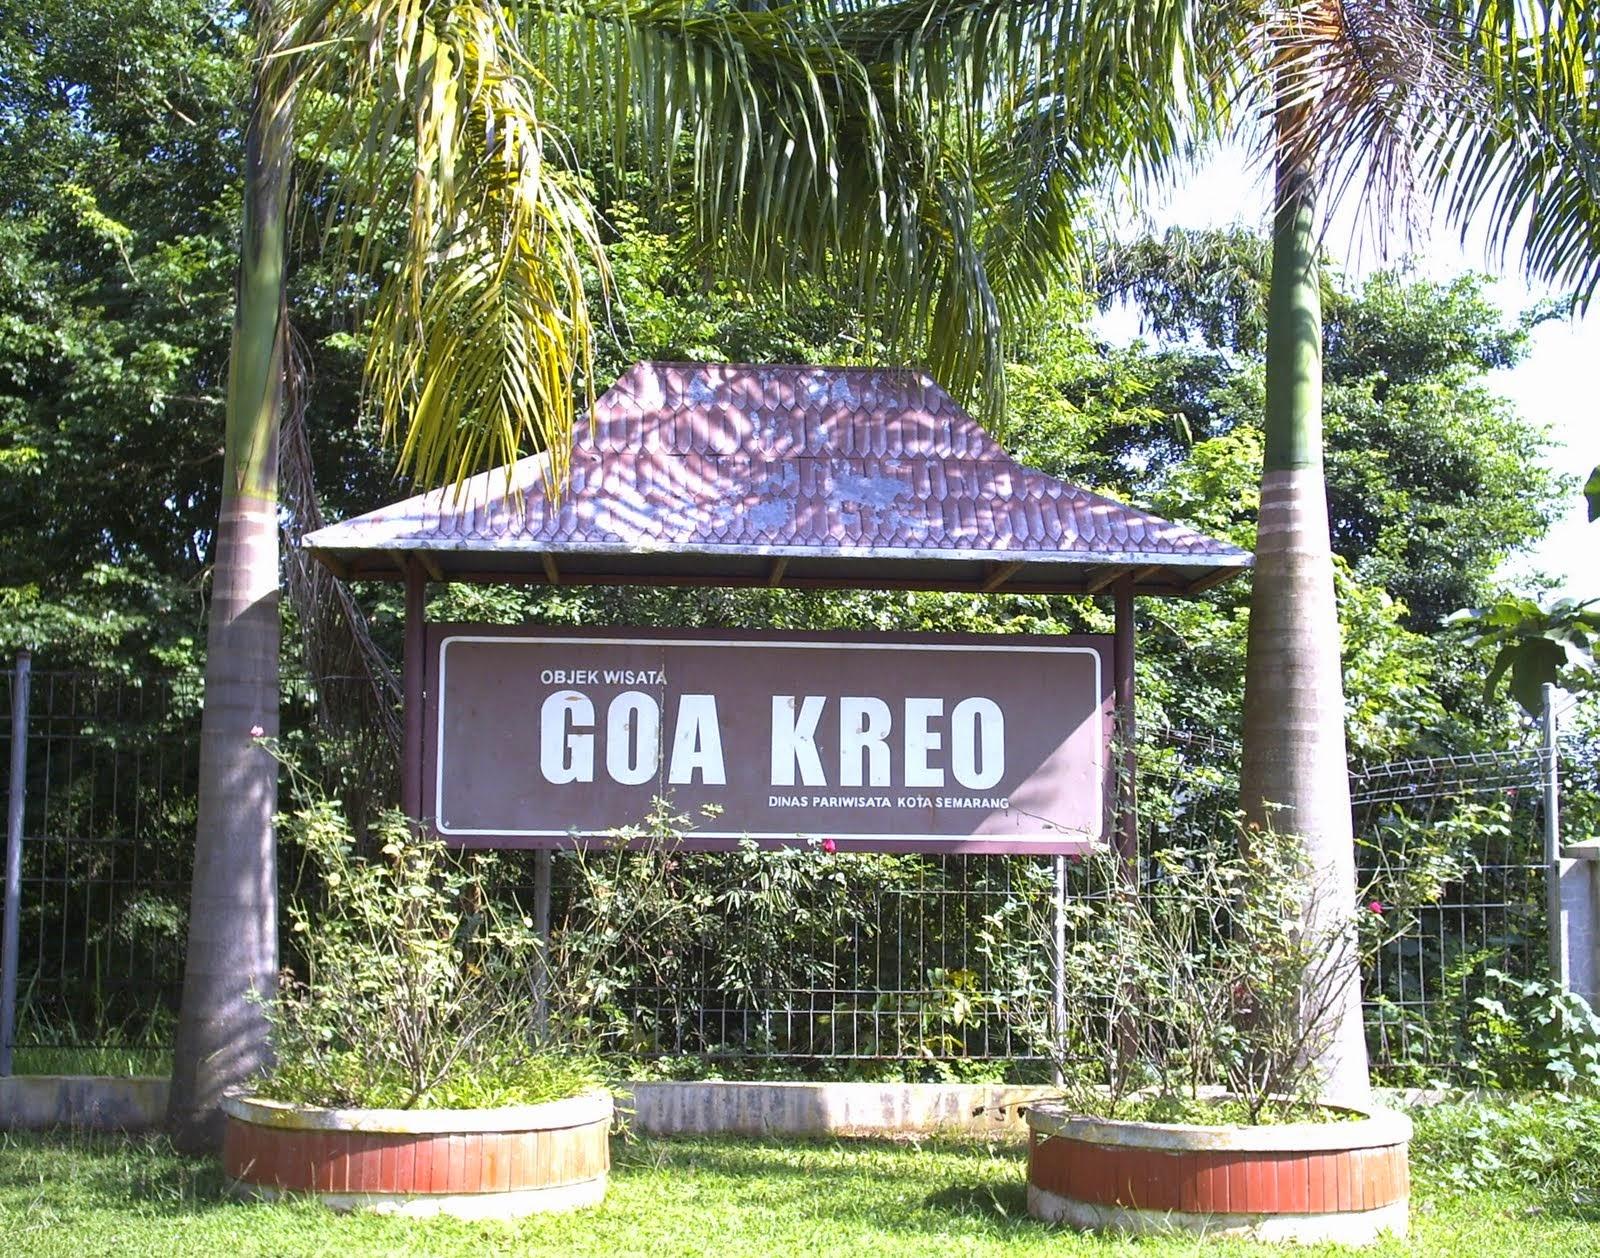 Goa Kreo Petilasan Sunan Kalijaga di Jawa Tengah - Jawa Tengah